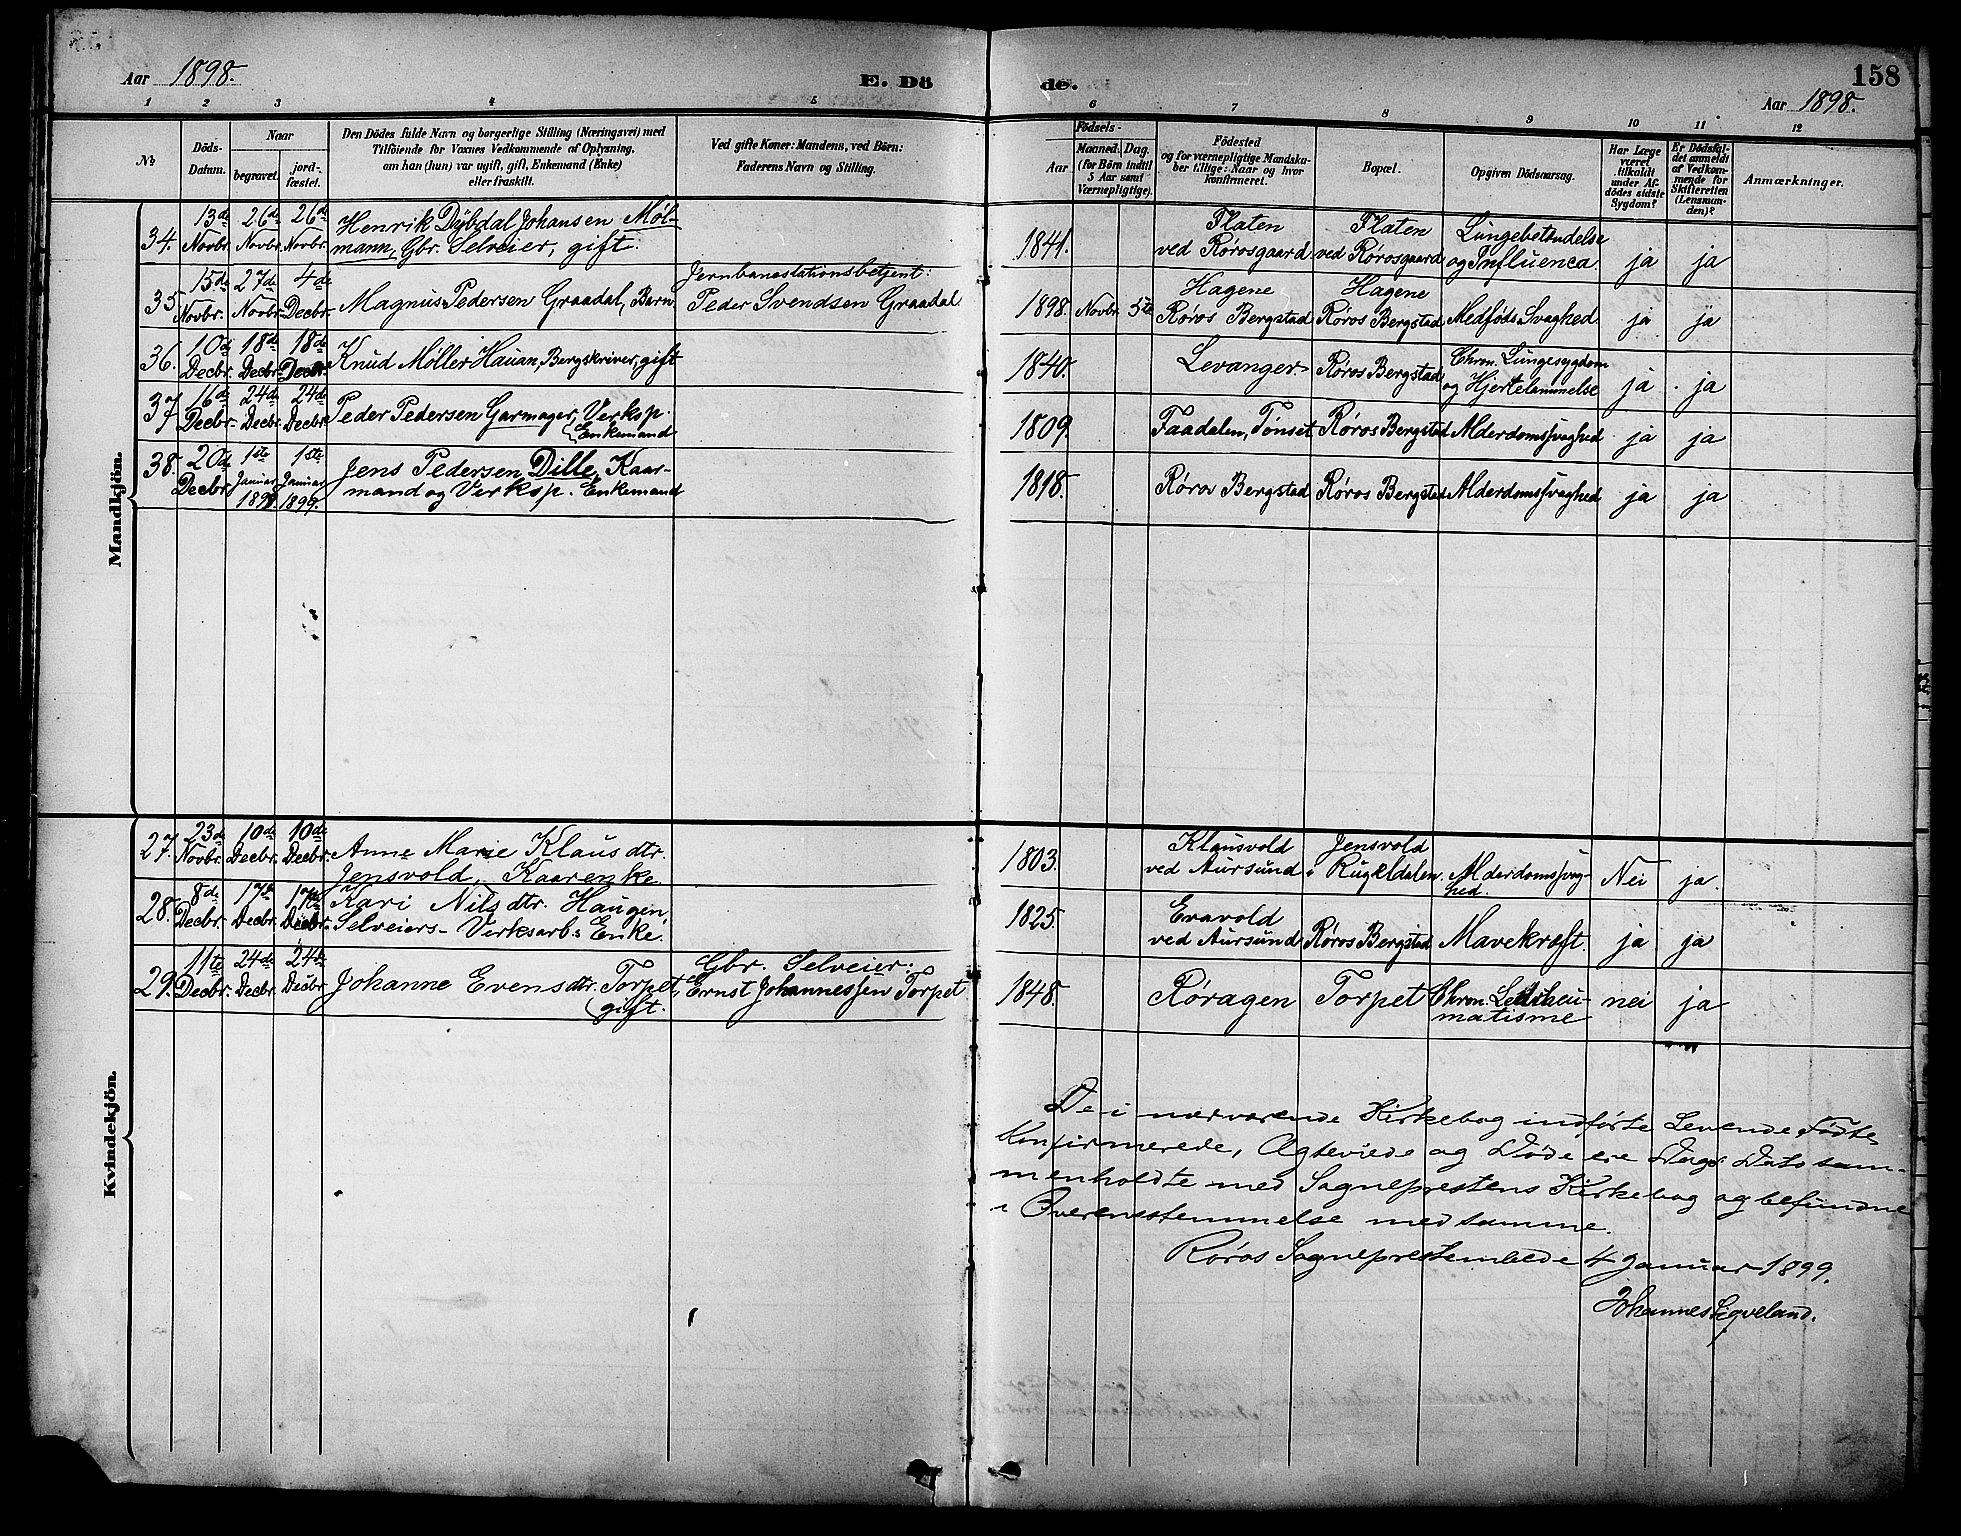 SAT, Ministerialprotokoller, klokkerbøker og fødselsregistre - Sør-Trøndelag, 681/L0941: Klokkerbok nr. 681C05, 1896-1905, s. 158